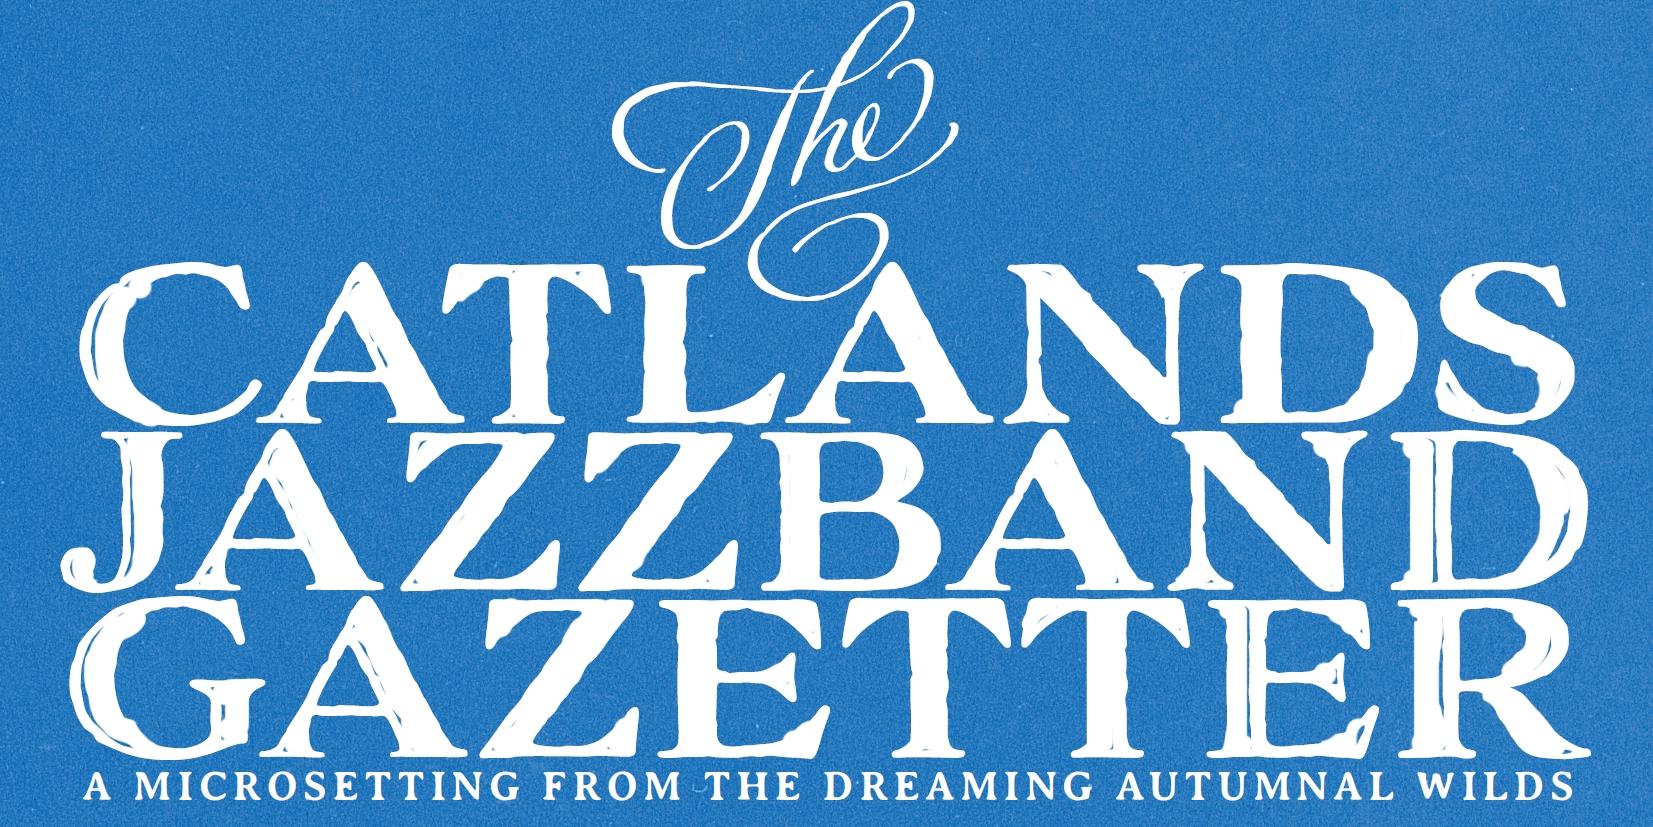 The Catlands Jazzband Gazetter